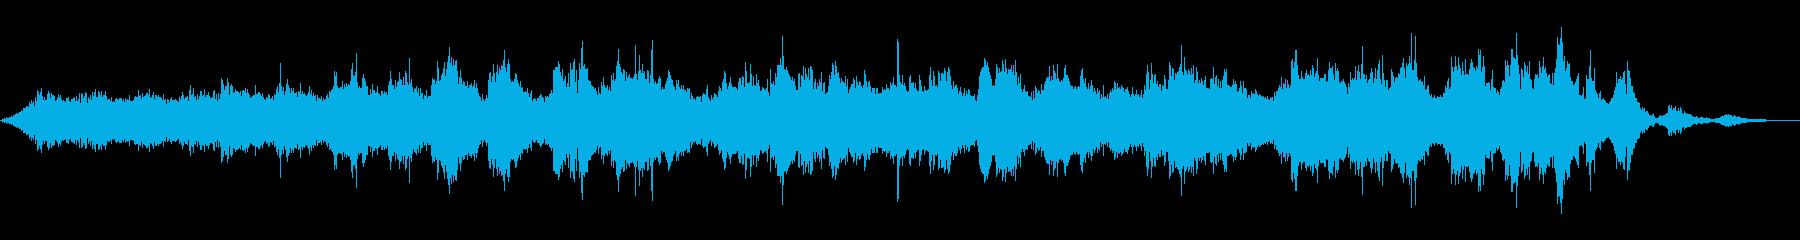 サイケデリックでドリーミーなアンビエントの再生済みの波形